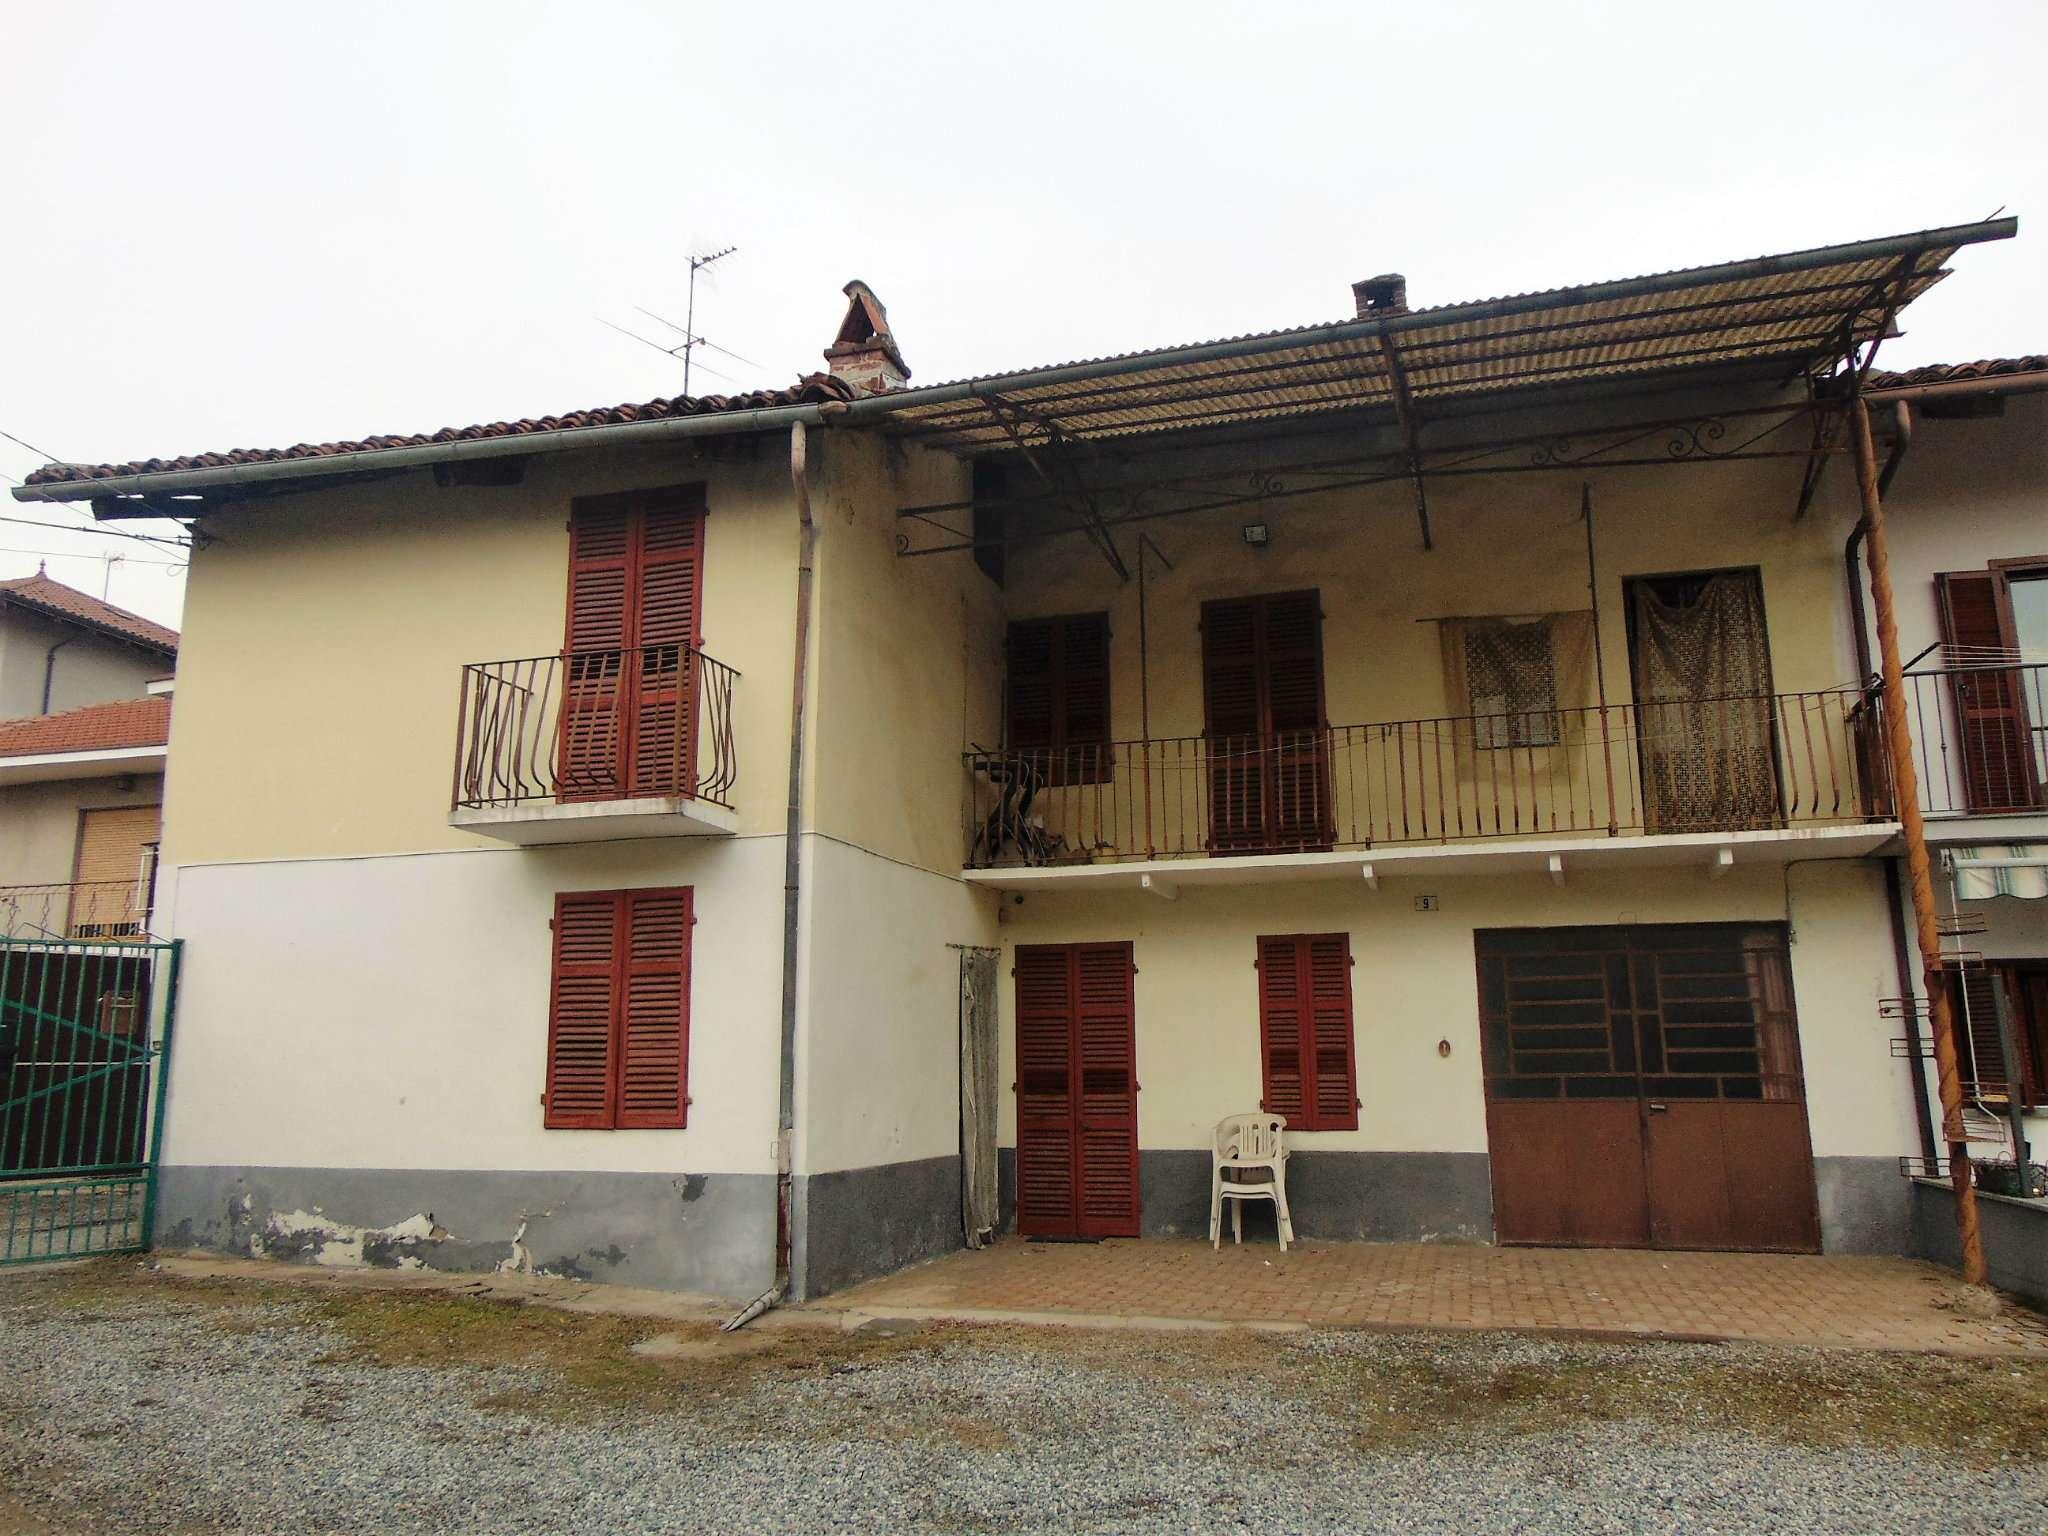 Soluzione Indipendente in vendita a Villarbasse, 6 locali, prezzo € 98.000 | Cambio Casa.it